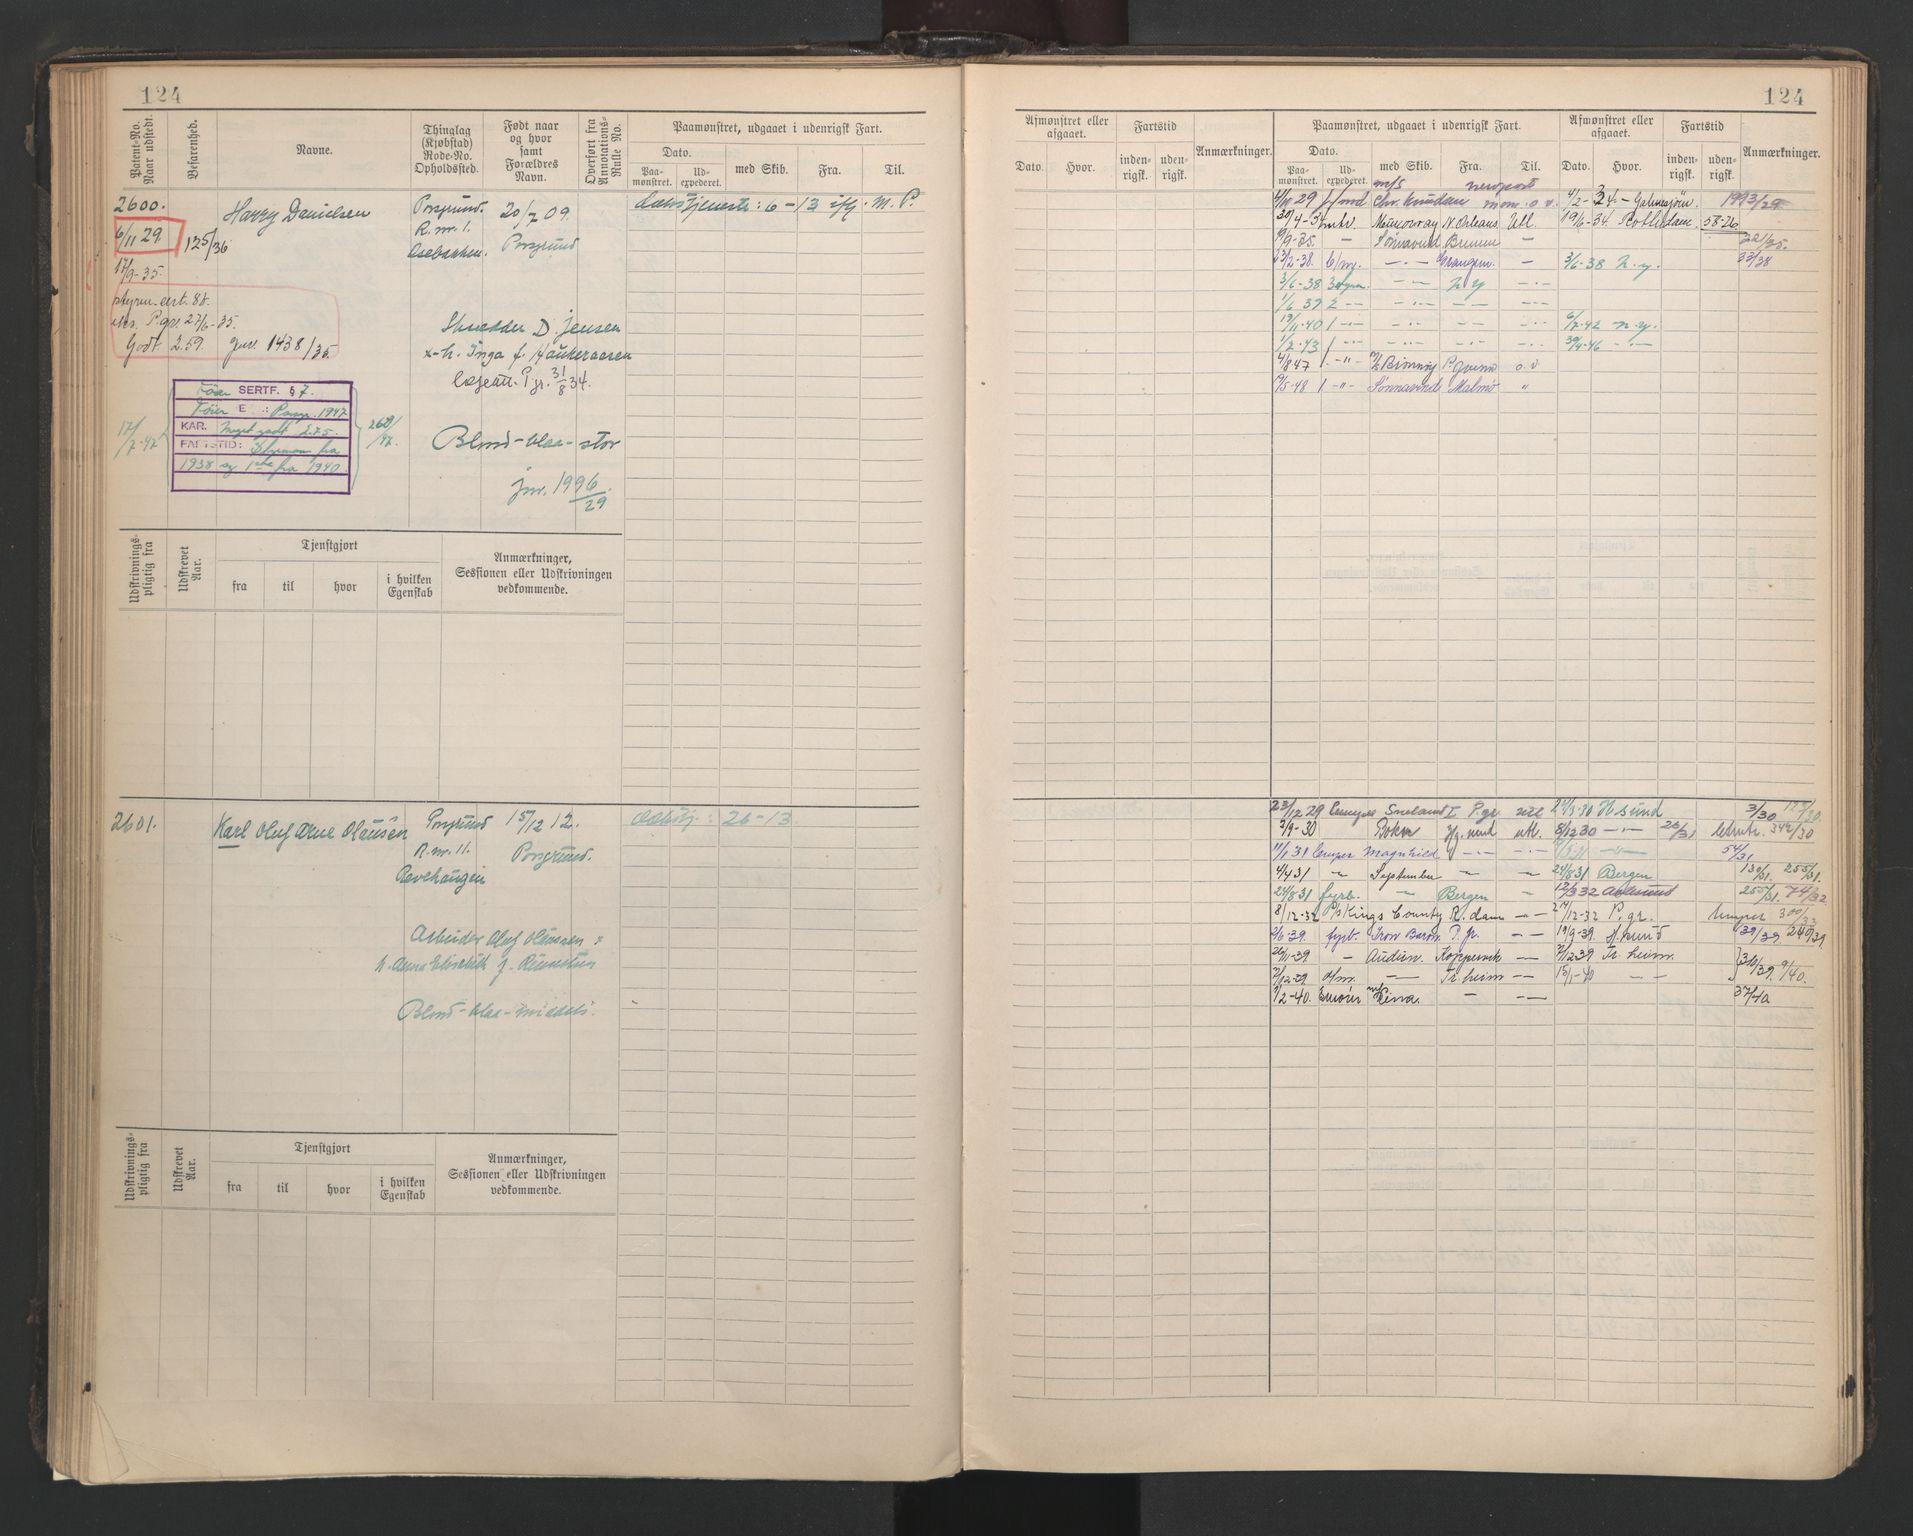 SAKO, Porsgrunn innrulleringskontor, F/Fb/L0007: Annotasjonsrulle, 1926-1948, s. 124